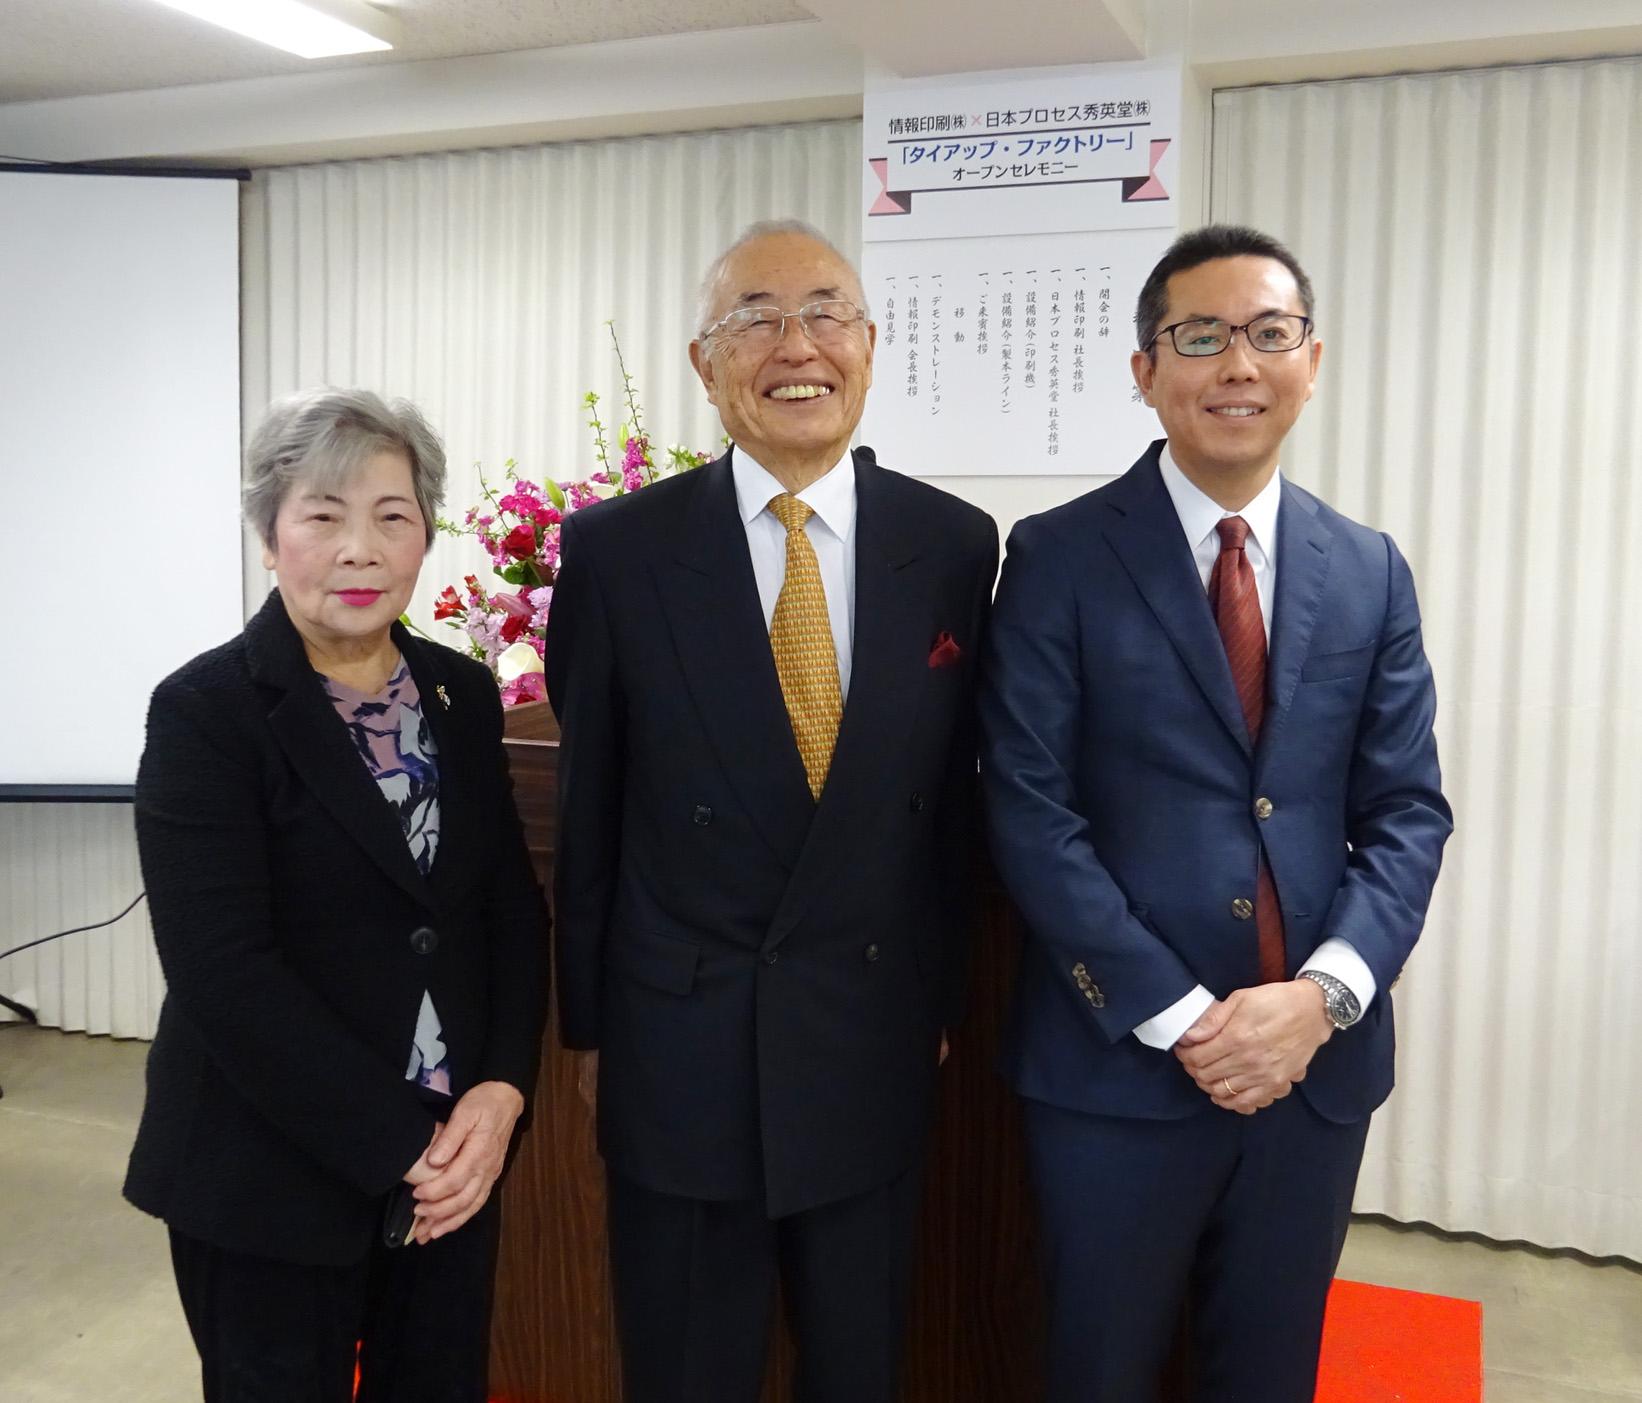 左から、日本プロセス秀英堂の堀澤社長、情報印刷の山下利治会長と山下大社長